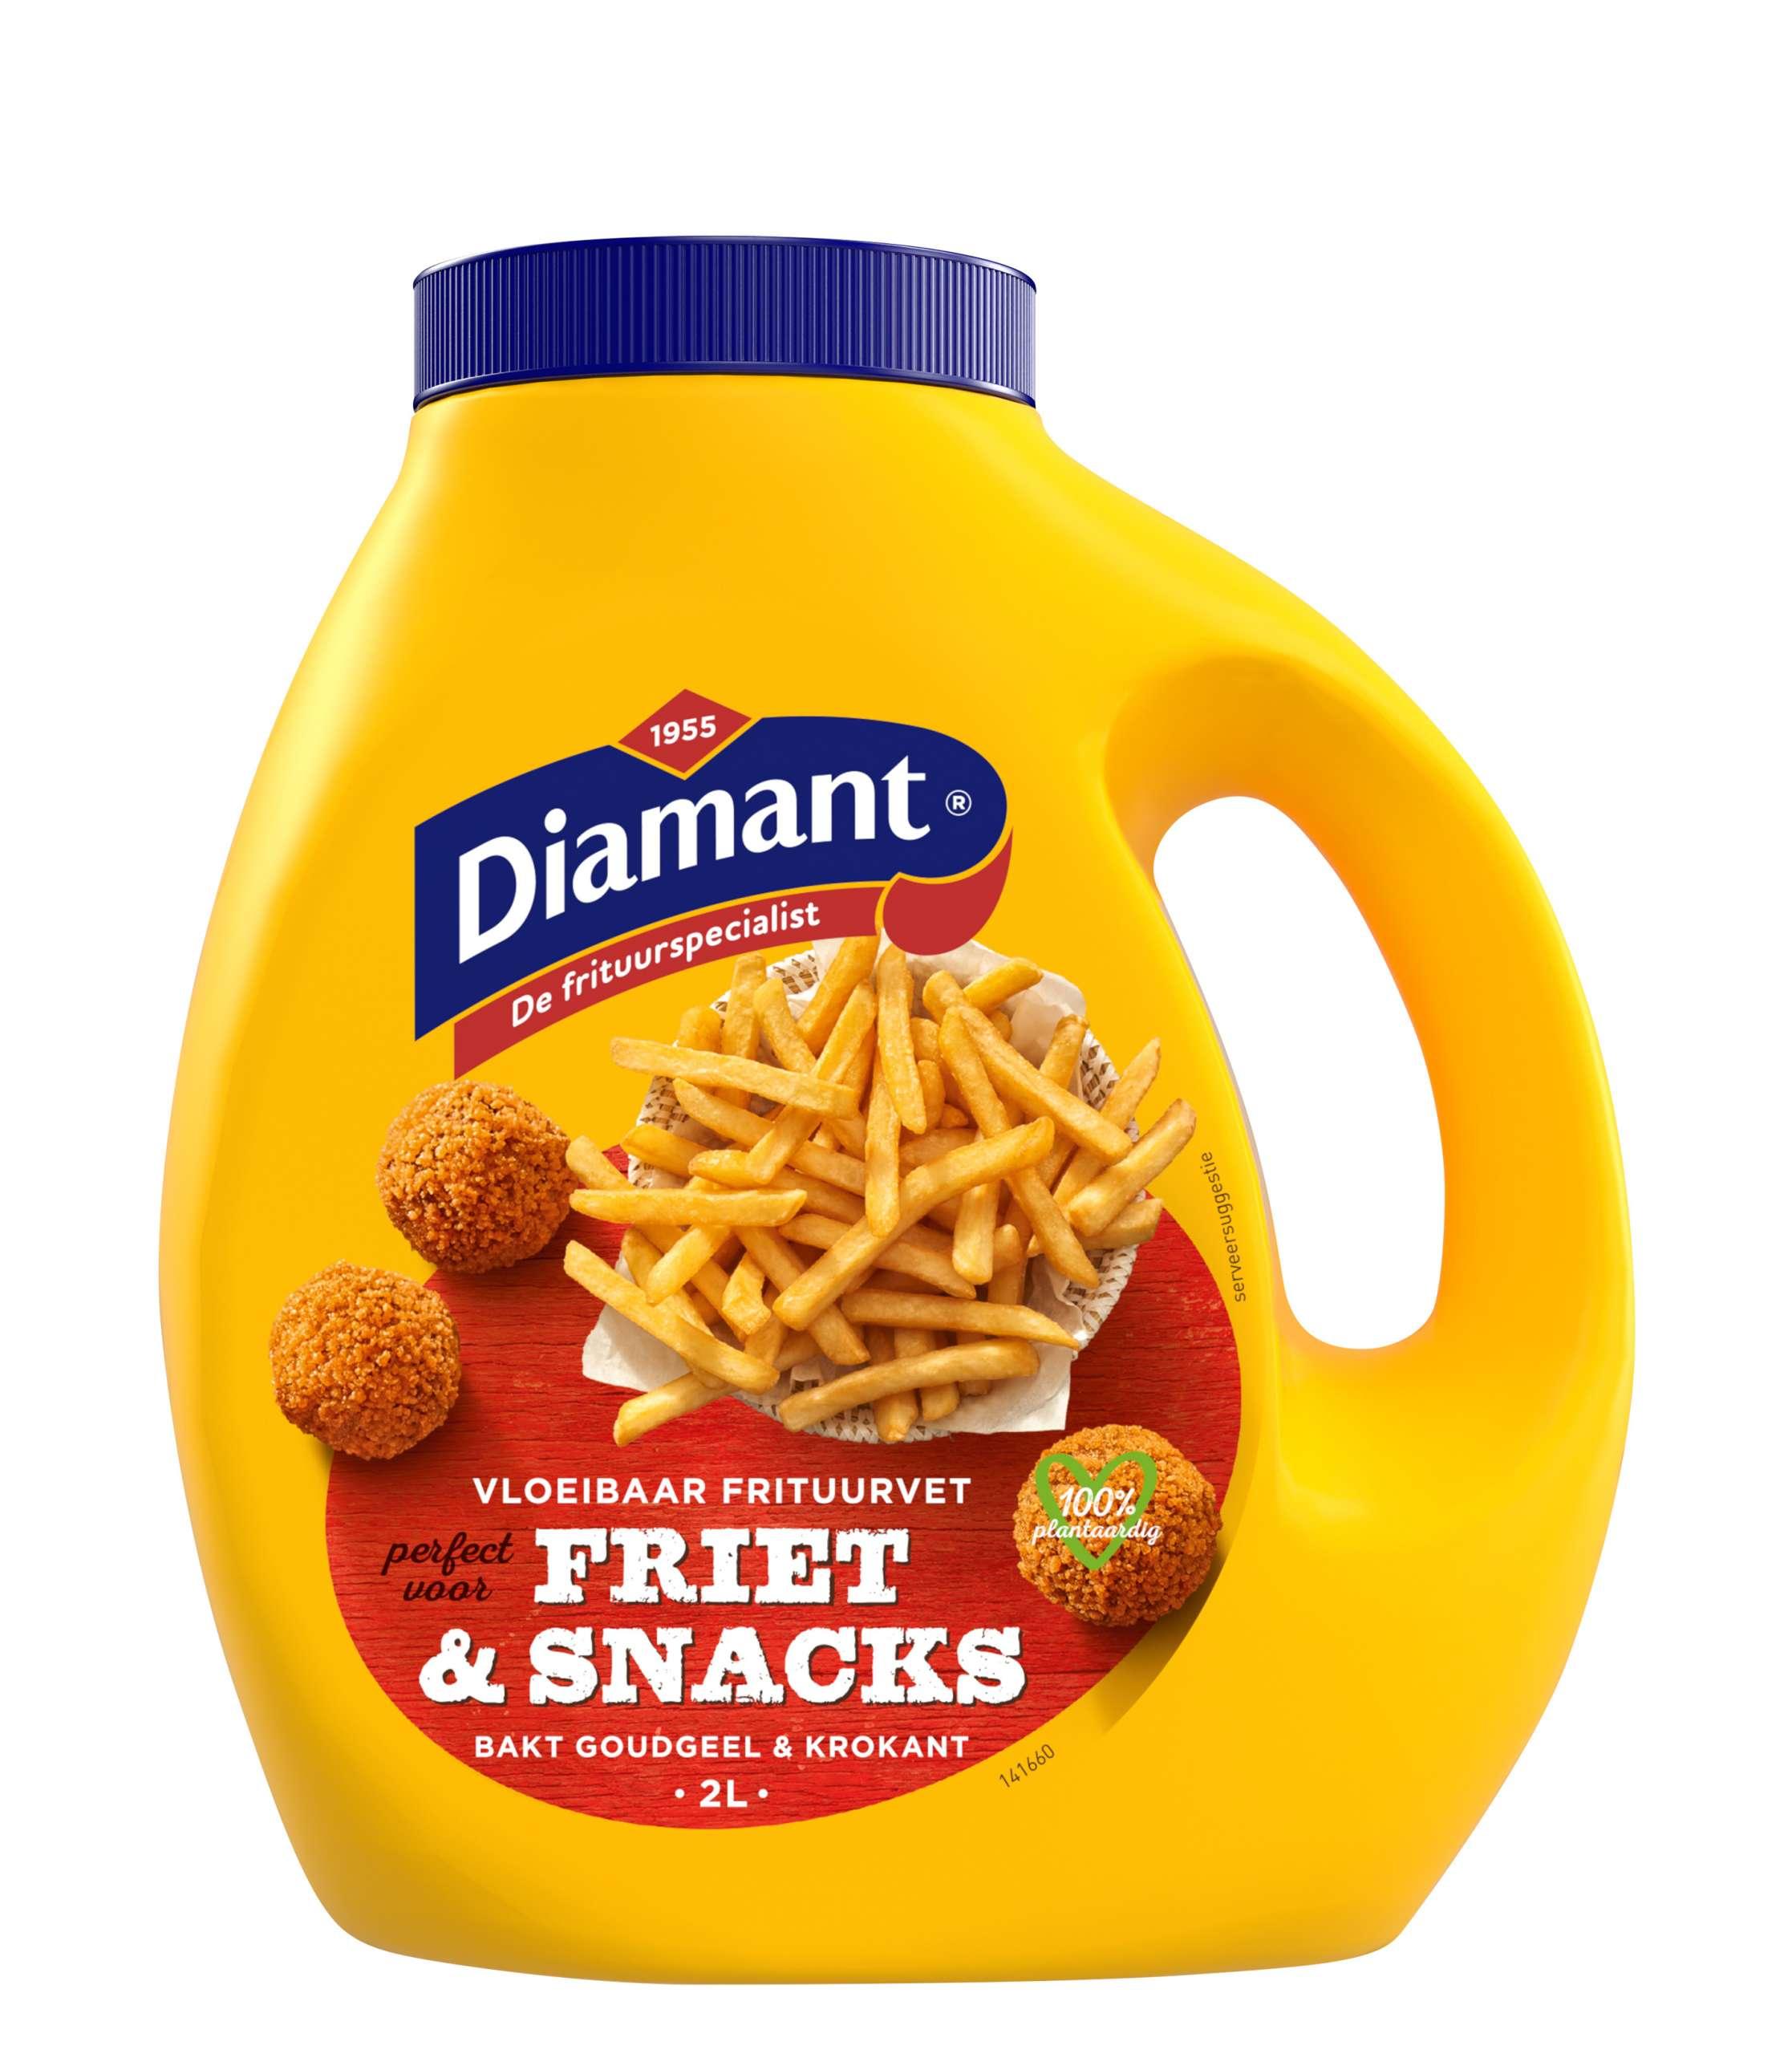 Vloeibaar frituurvet voor friet & snacks 2L